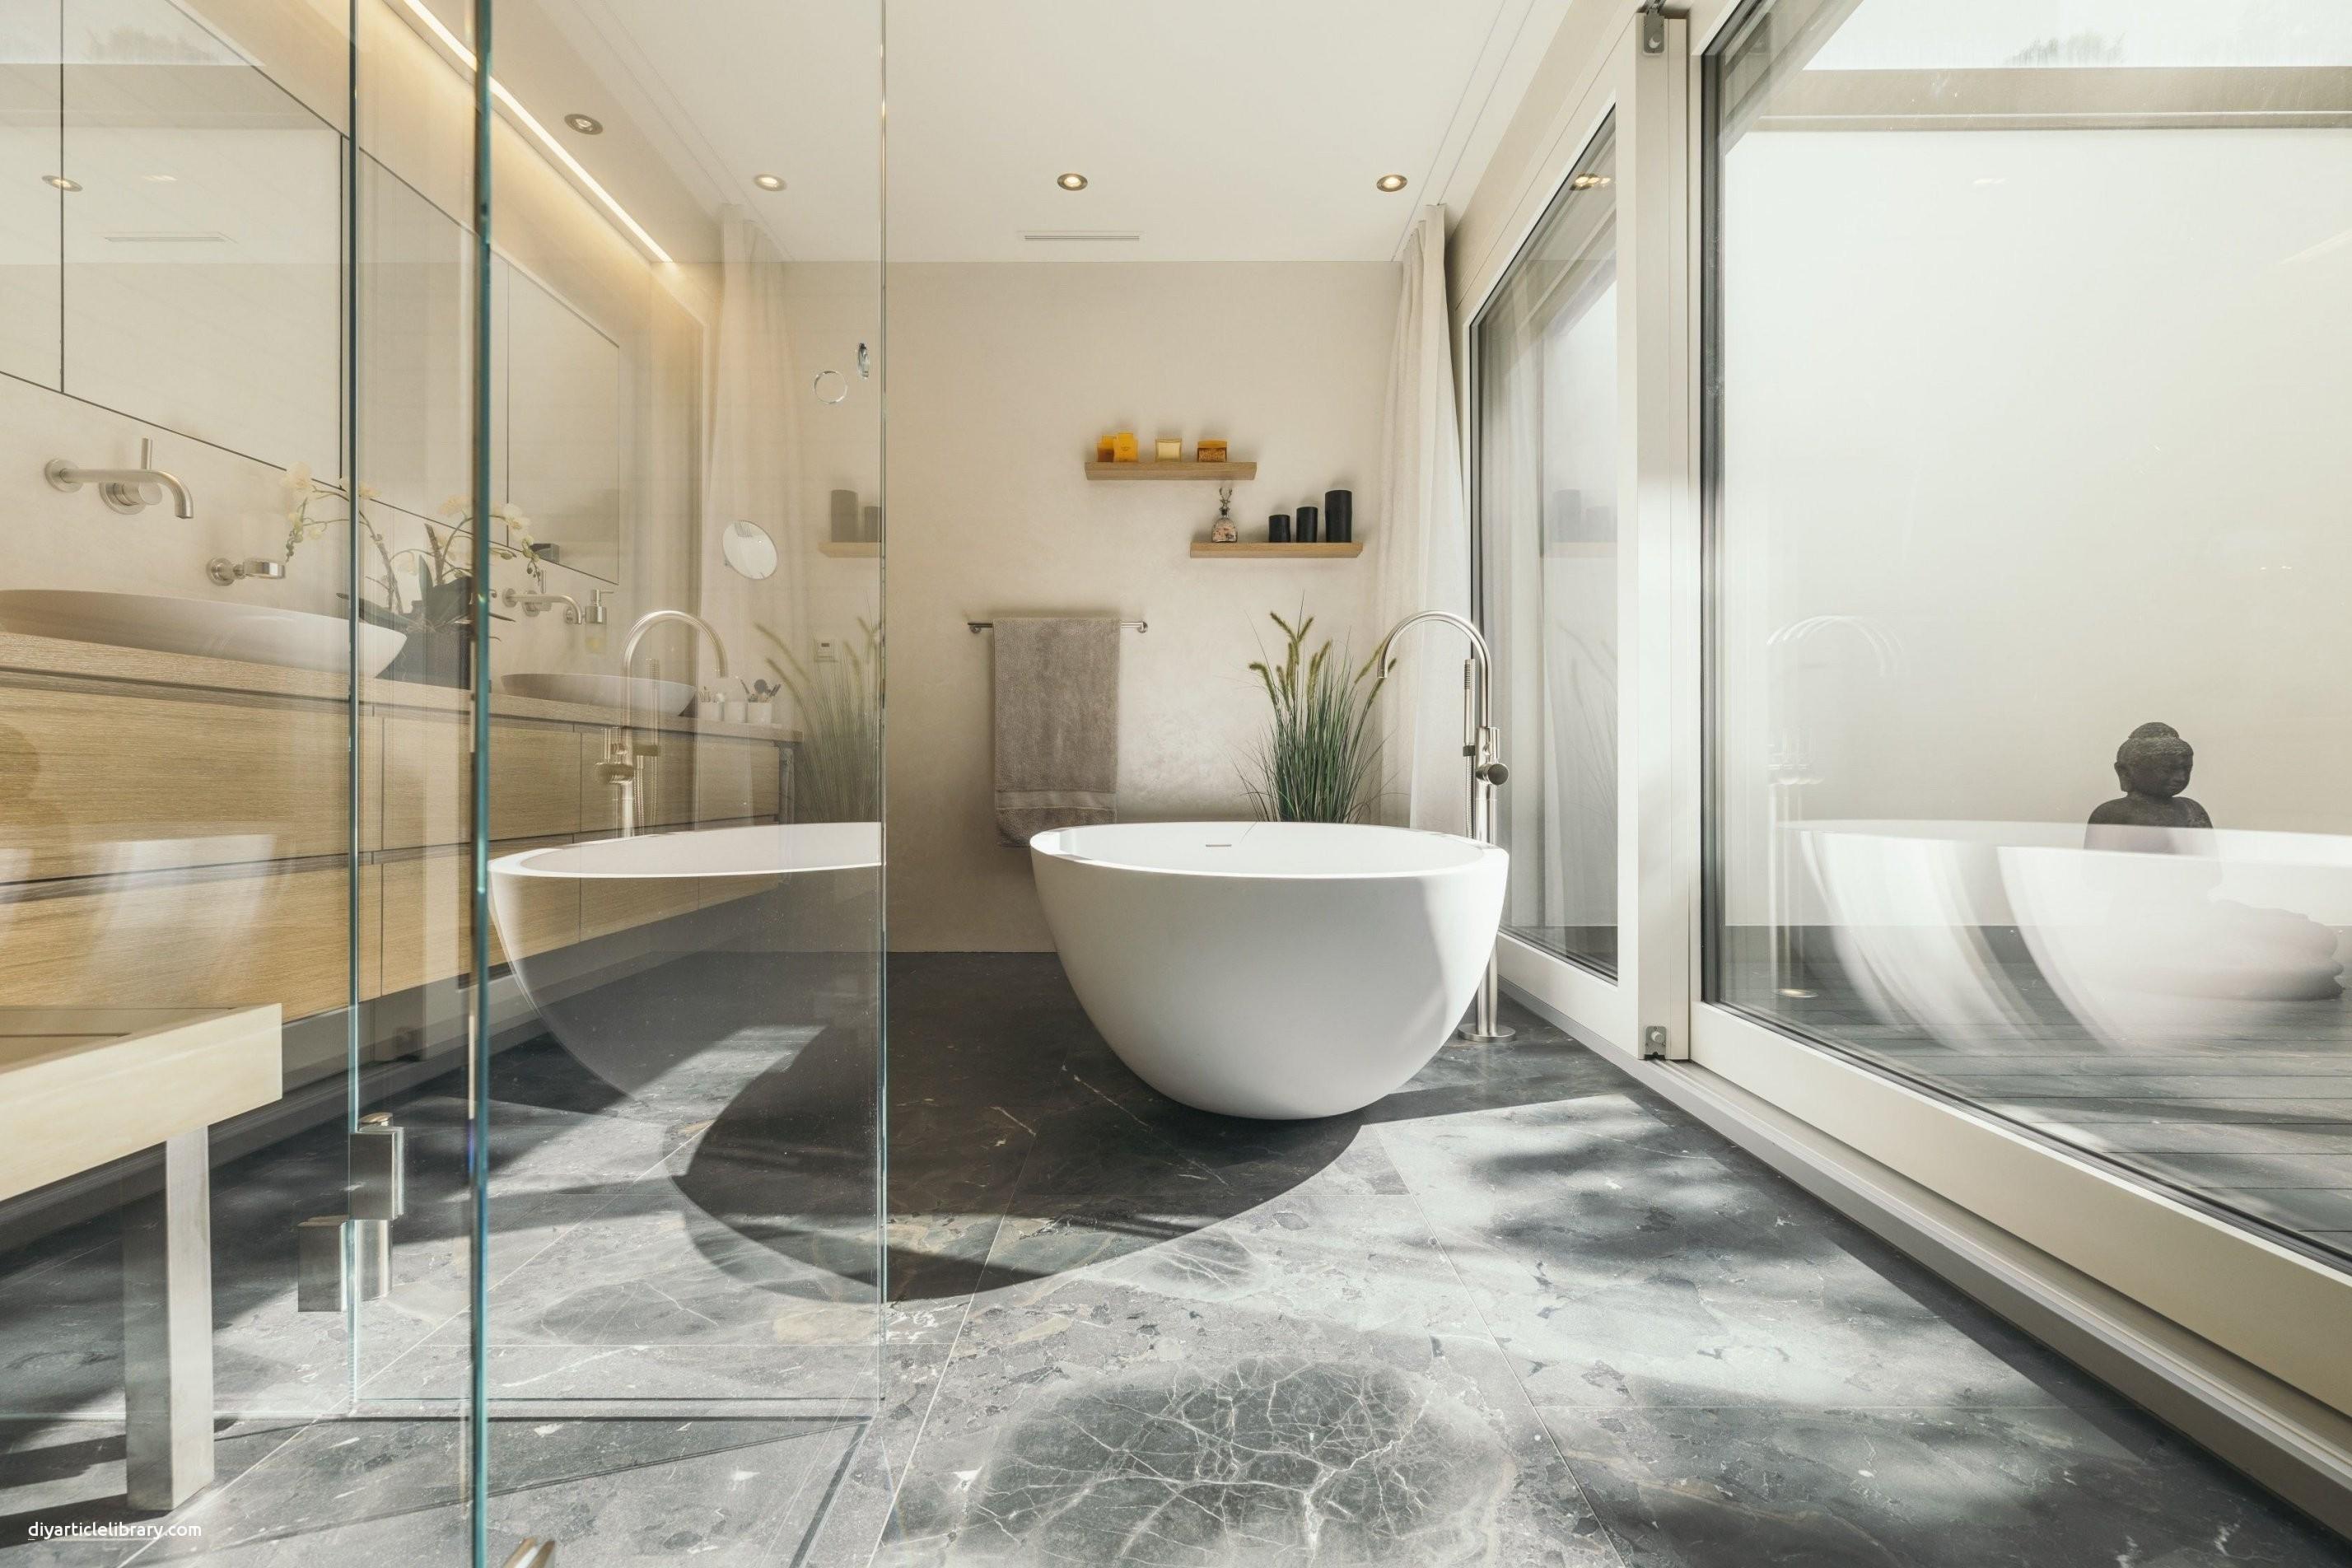 Badezimmer Umbau Fotos Ideen Frisch 47 Architektur von Ideen Für Badezimmer Renovierung Photo